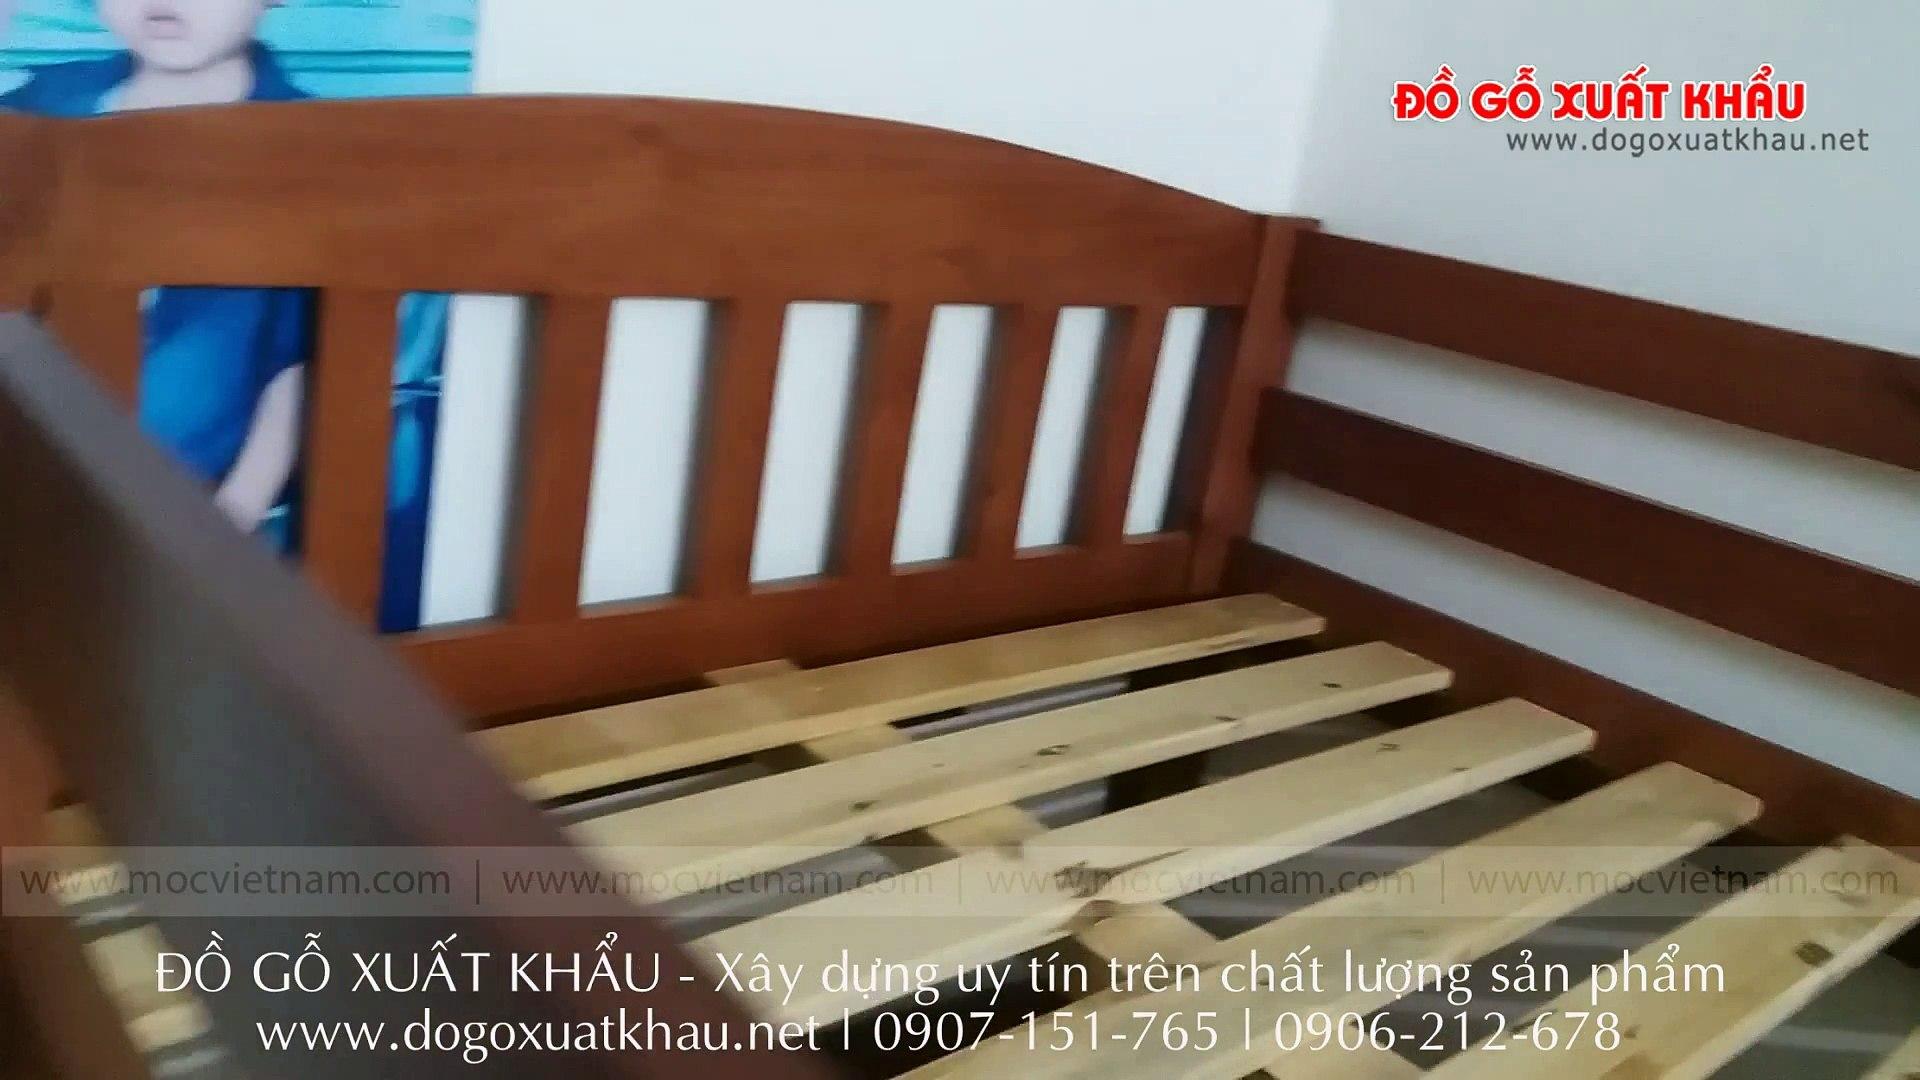 Giường tầng trẻ em giá rẻ tại Vĩnh Long - video clip thực tế tại nhà khách hàng